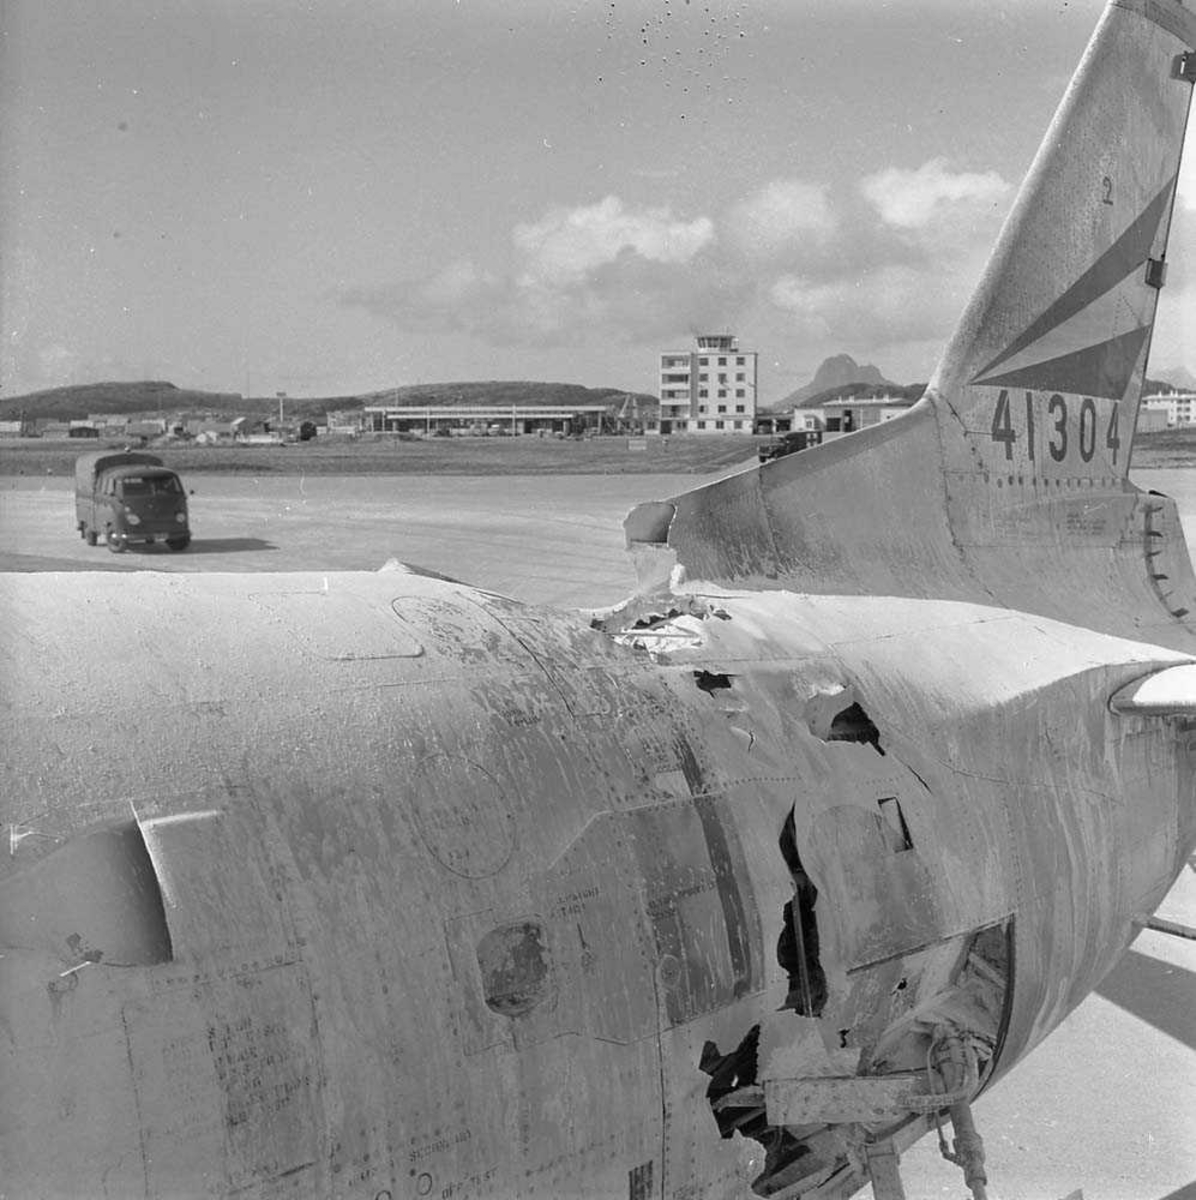 En F-86-K, Sabre, kjennetegn RI-E, serie nr. 54-1304, tilhørende 334 skvadron, har hvarert på flystripa på Bodø flystasjon.